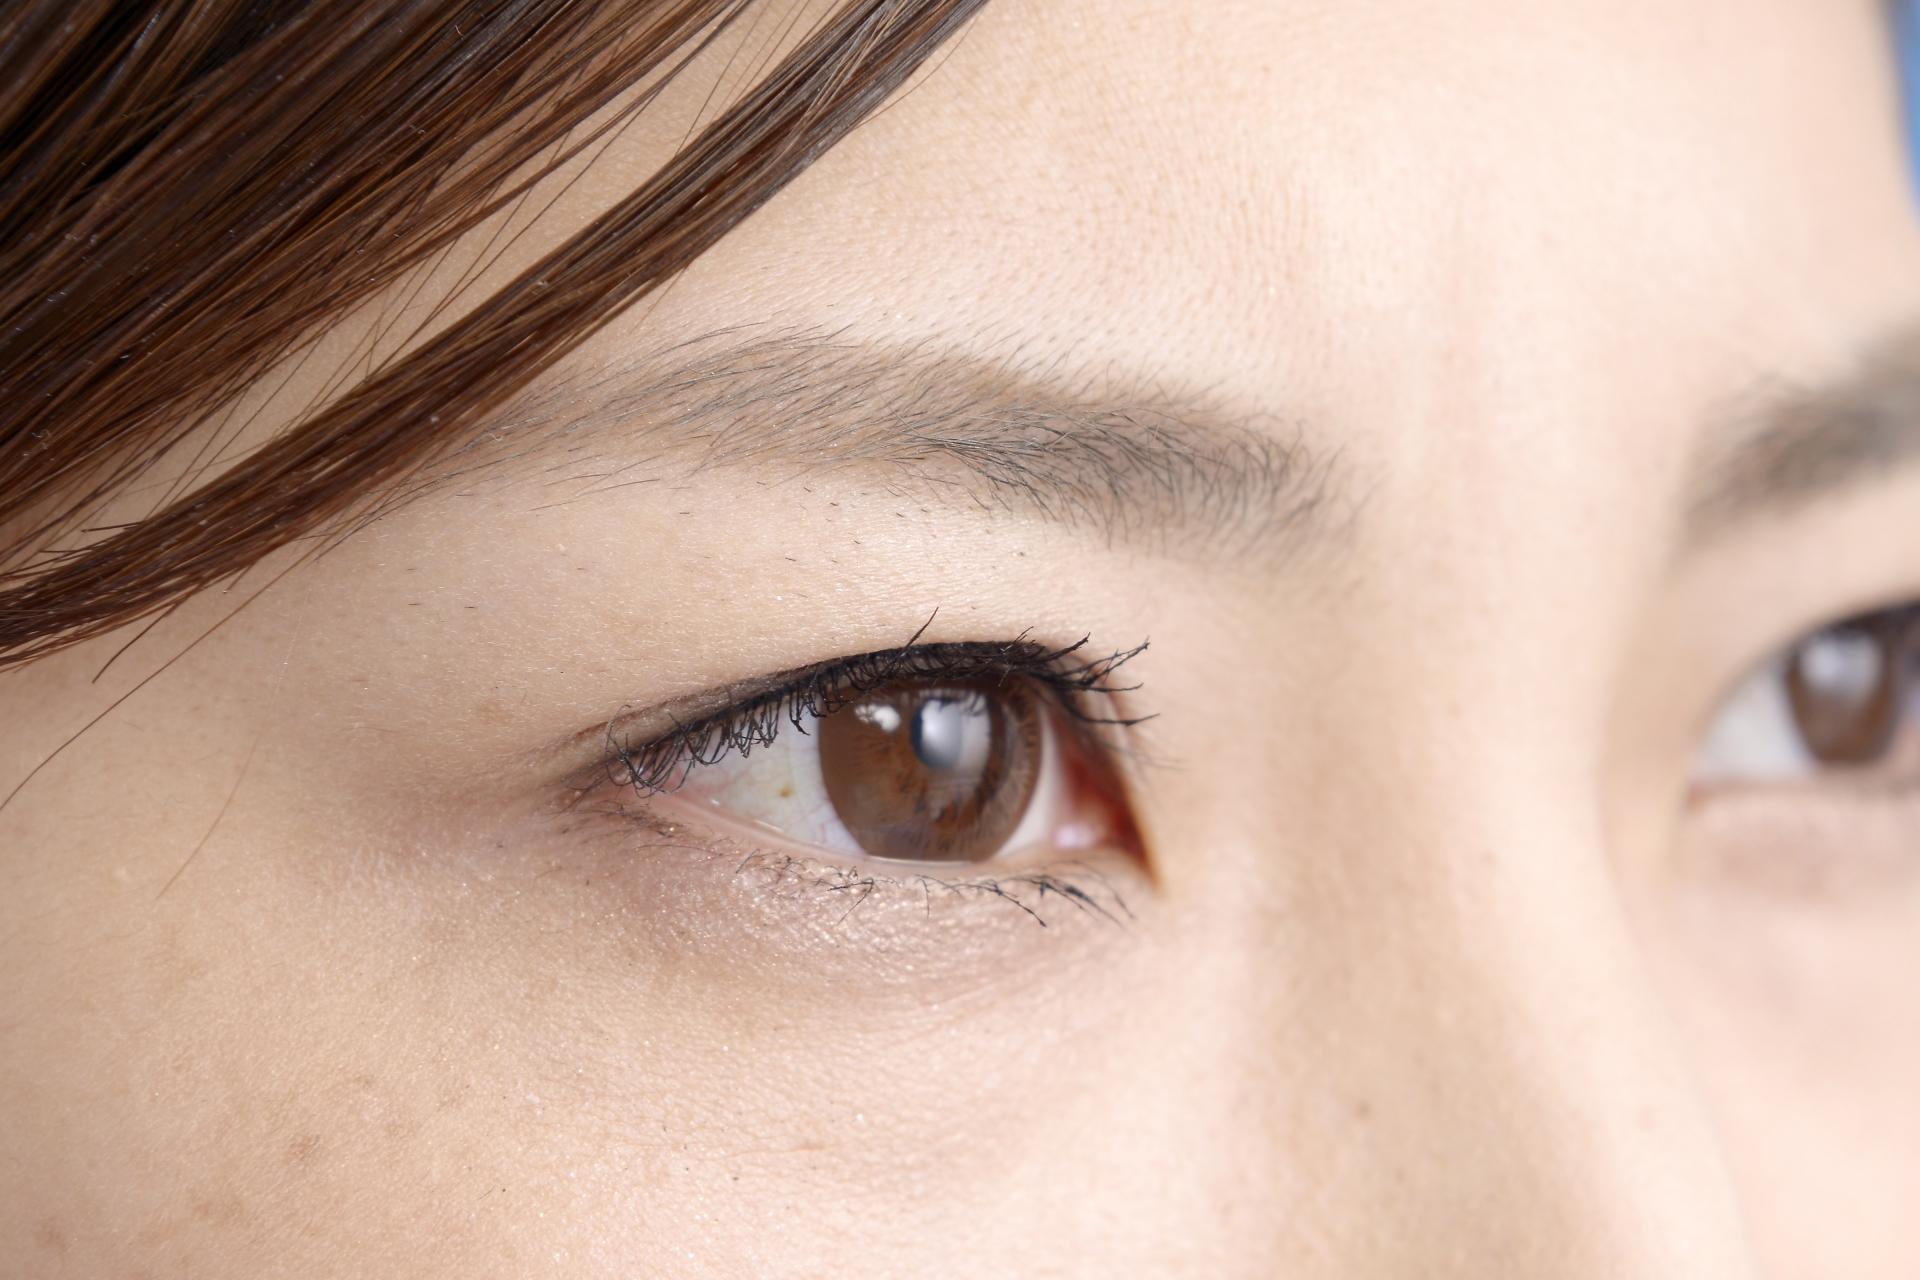 目の周りの乾燥